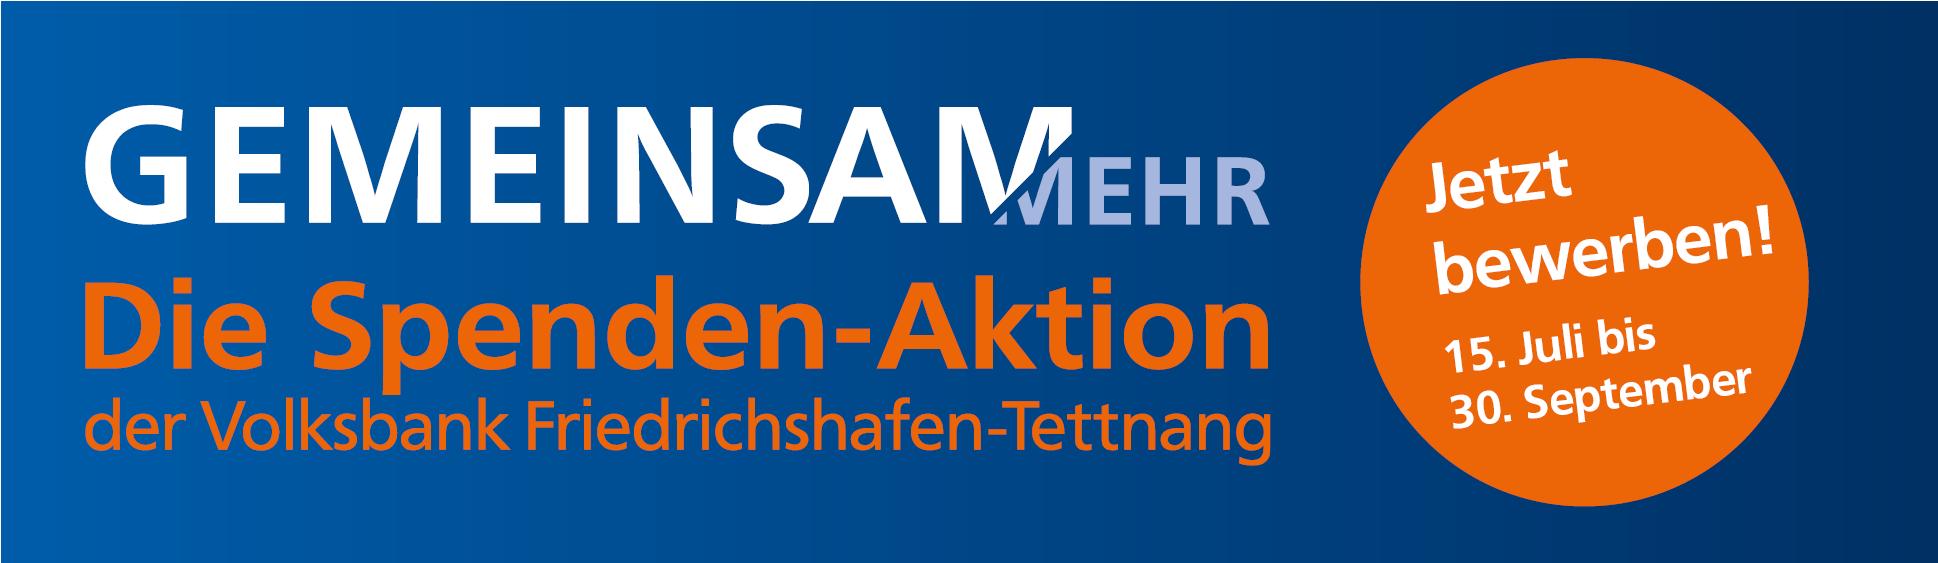 Gemeinsam mehr - die Spendenaktion der Volksbank Friedrichshafen-Tettnang eG